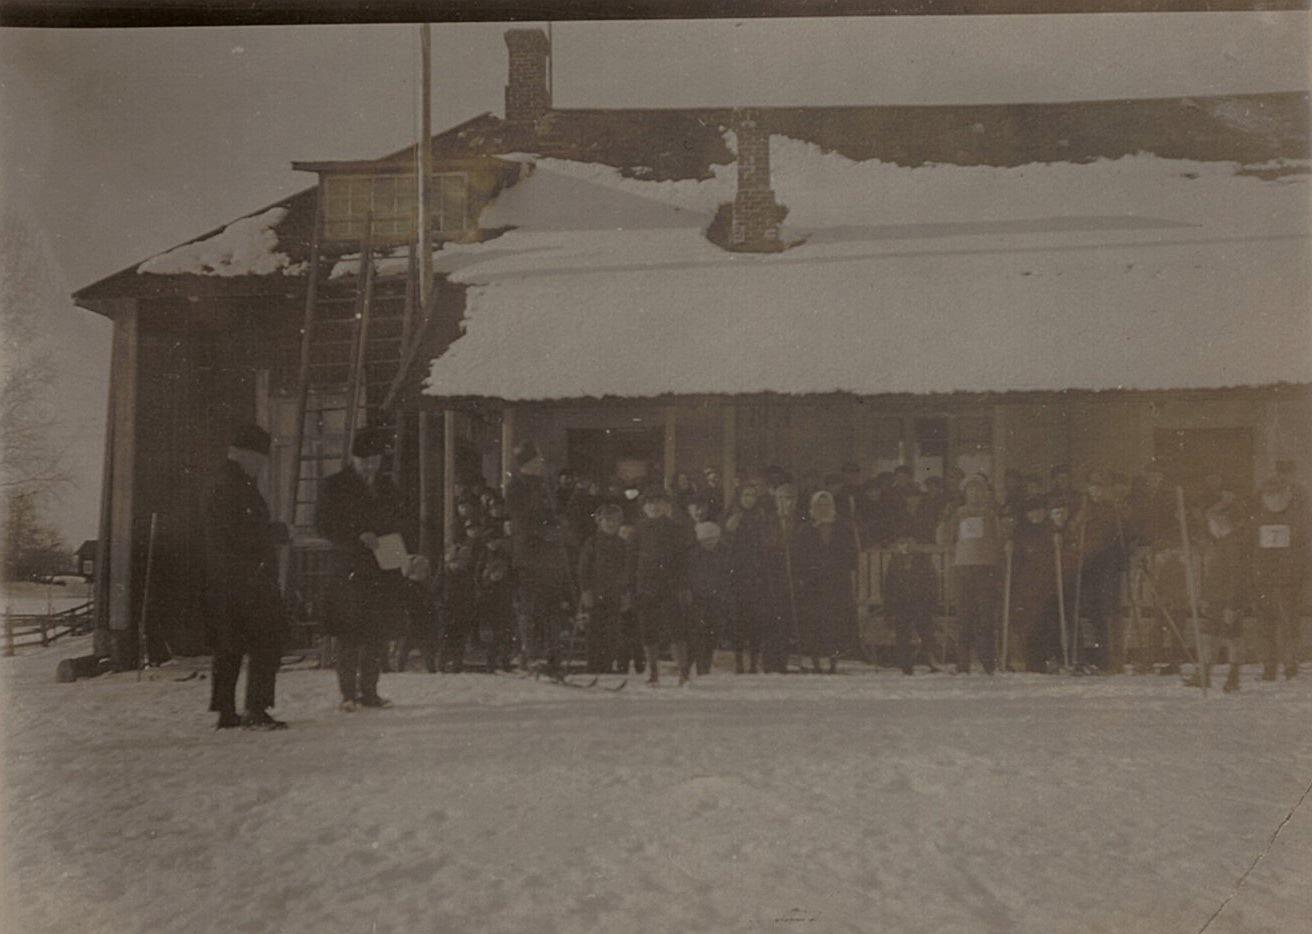 Beslut om att bygga det första ungdomshemmet i Lappfjärd fattades 16.10.1904, grunden började grävas 14.11 och den 19.11.1905 invigdes huset. På fotot skidtävlingar utanför ungdomslokalen.